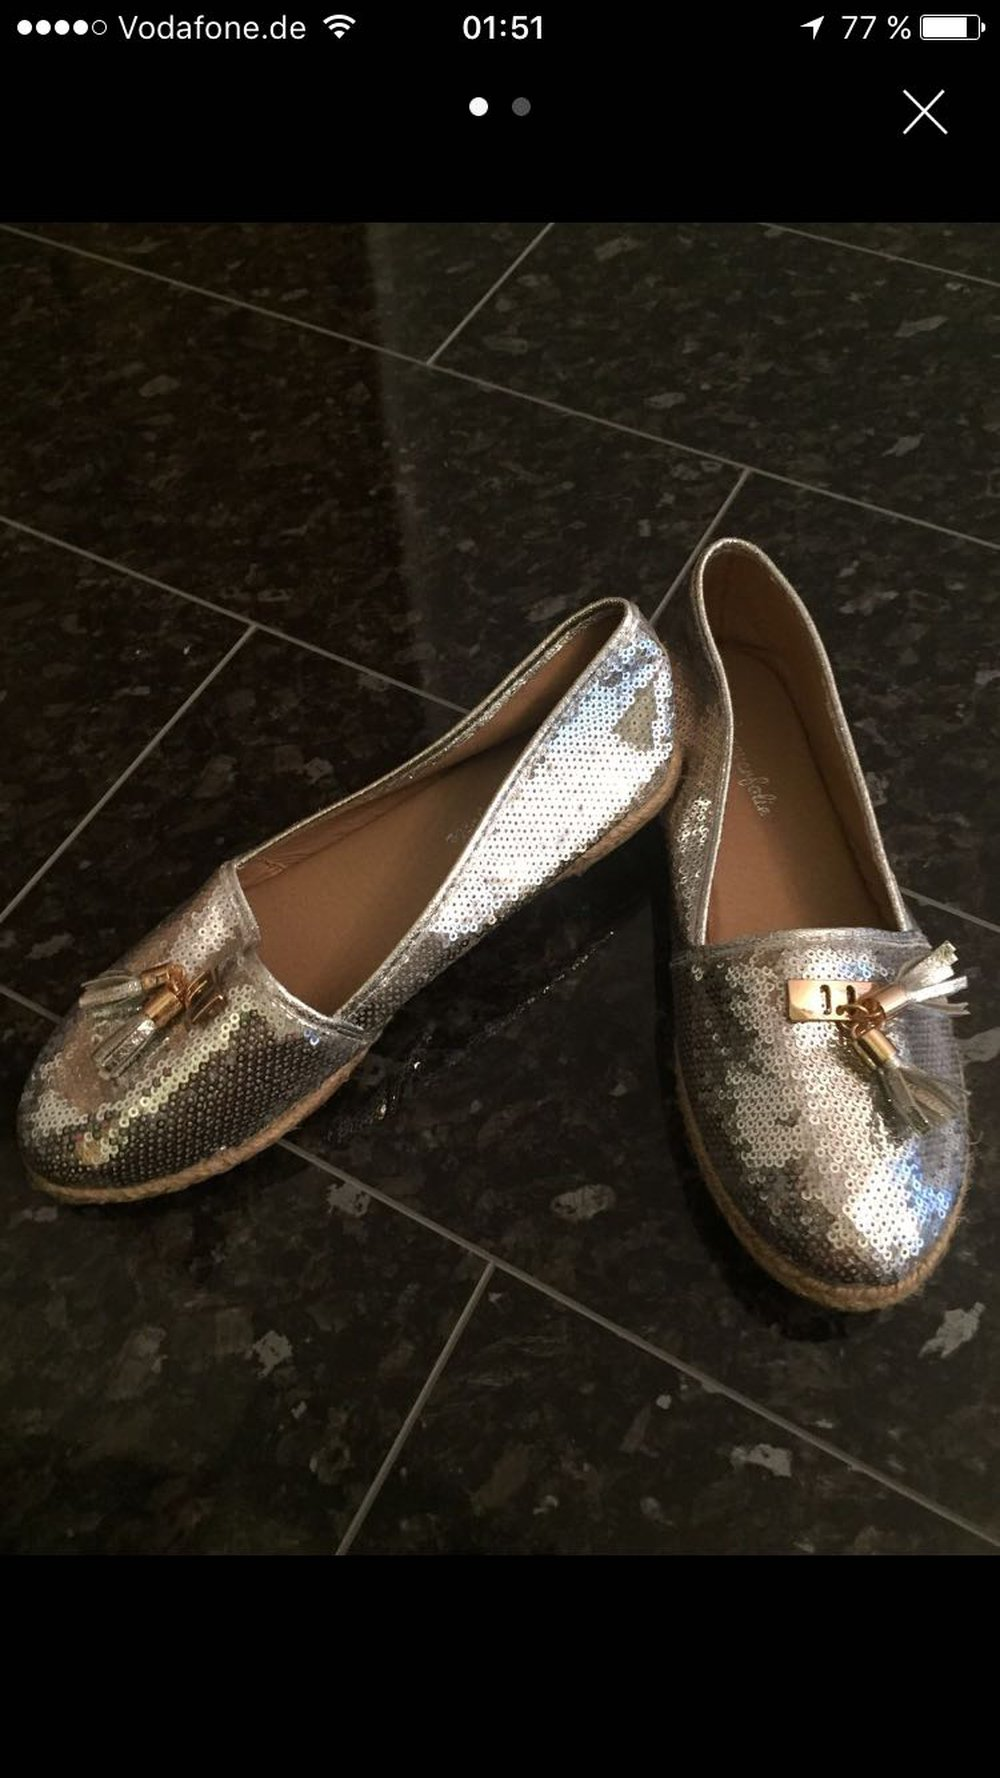 Peppa: Jetzt habe ich keine Schuhe mehr zum Anziehen. Mama: Na ja, Peppa, die Schuhe waren ja schon ganz rot alt Wir hätten gerne überall. Wir kaufen ein neues Paar.